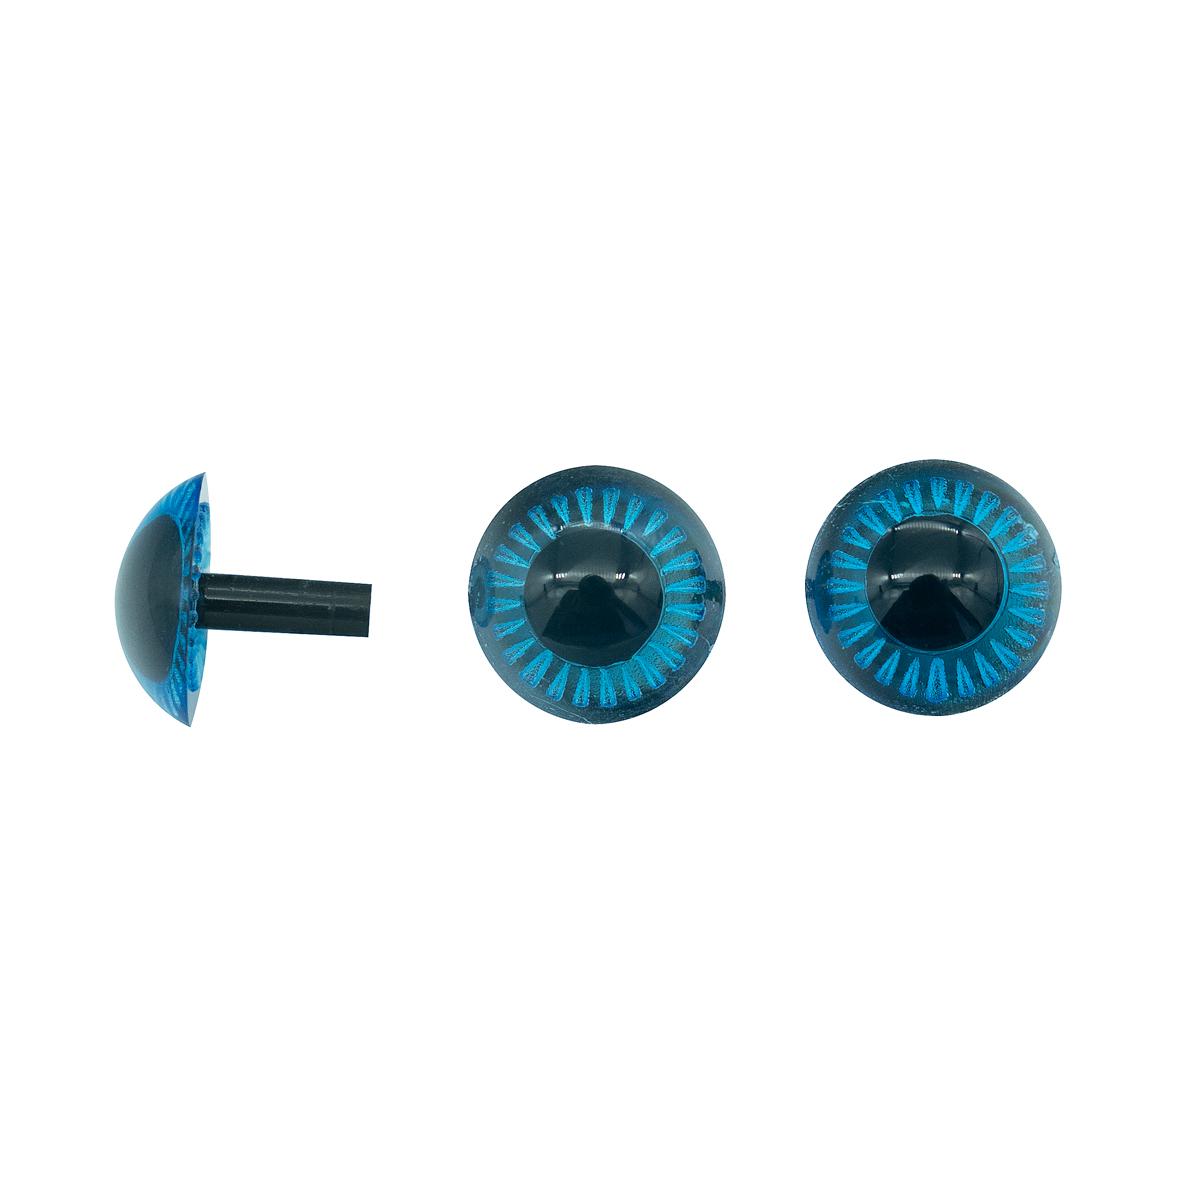 Глаза для игрушек Д-13мм пластик.